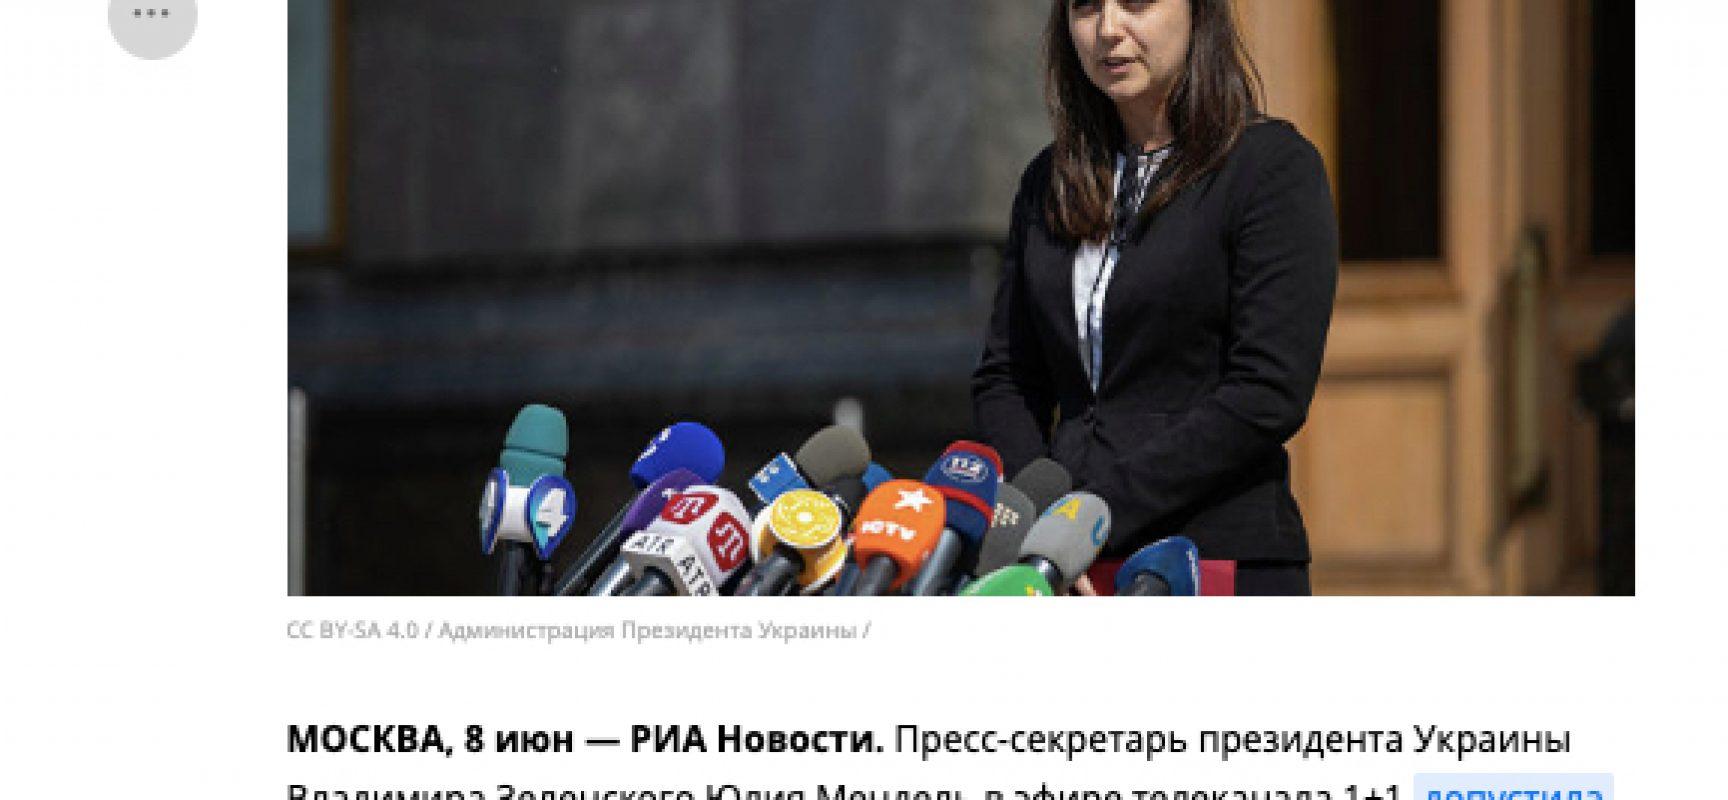 Fake: Kiev riconosce l'uccisione di civili da parte delle forze armate ucraine nel Donbas